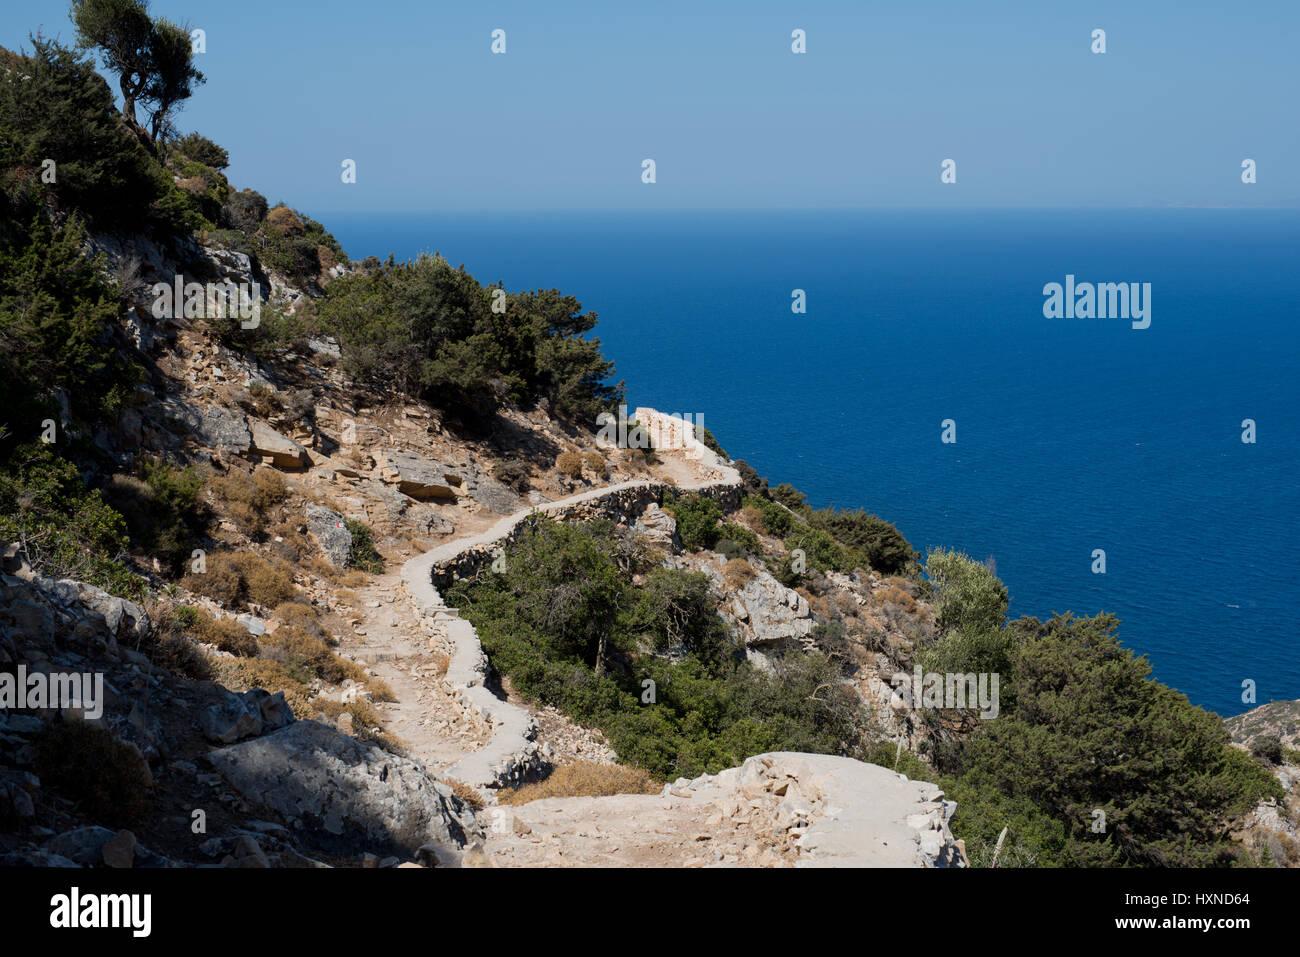 Weg zur Agios Ioannis Höhle auf der Insel Iraklia, kleine Kykladen, Griechenland - Stock Image